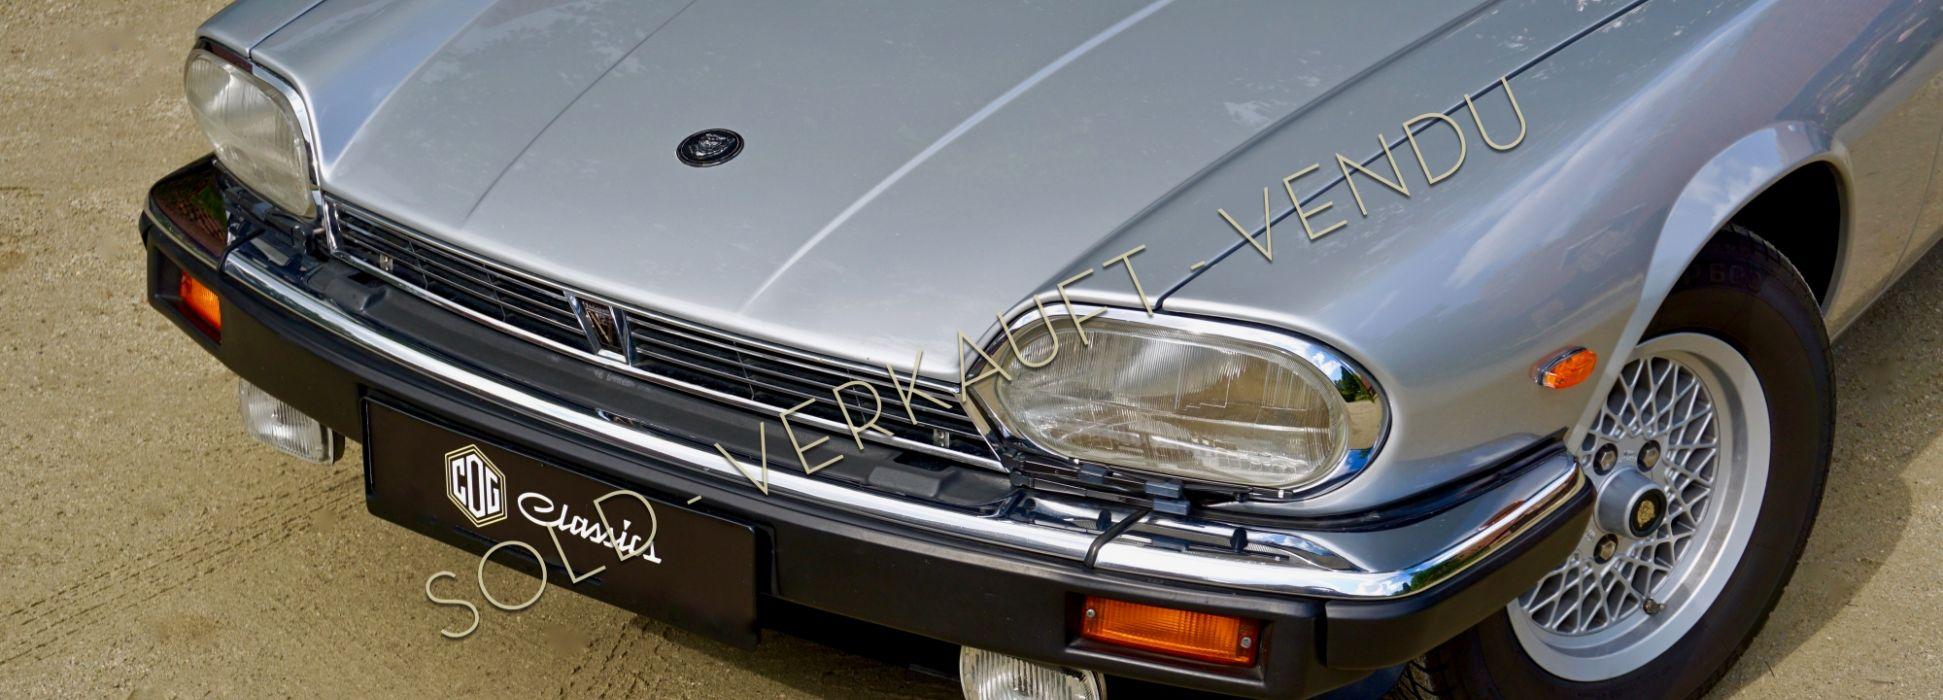 Jaguar XJS V12 Convertible 13